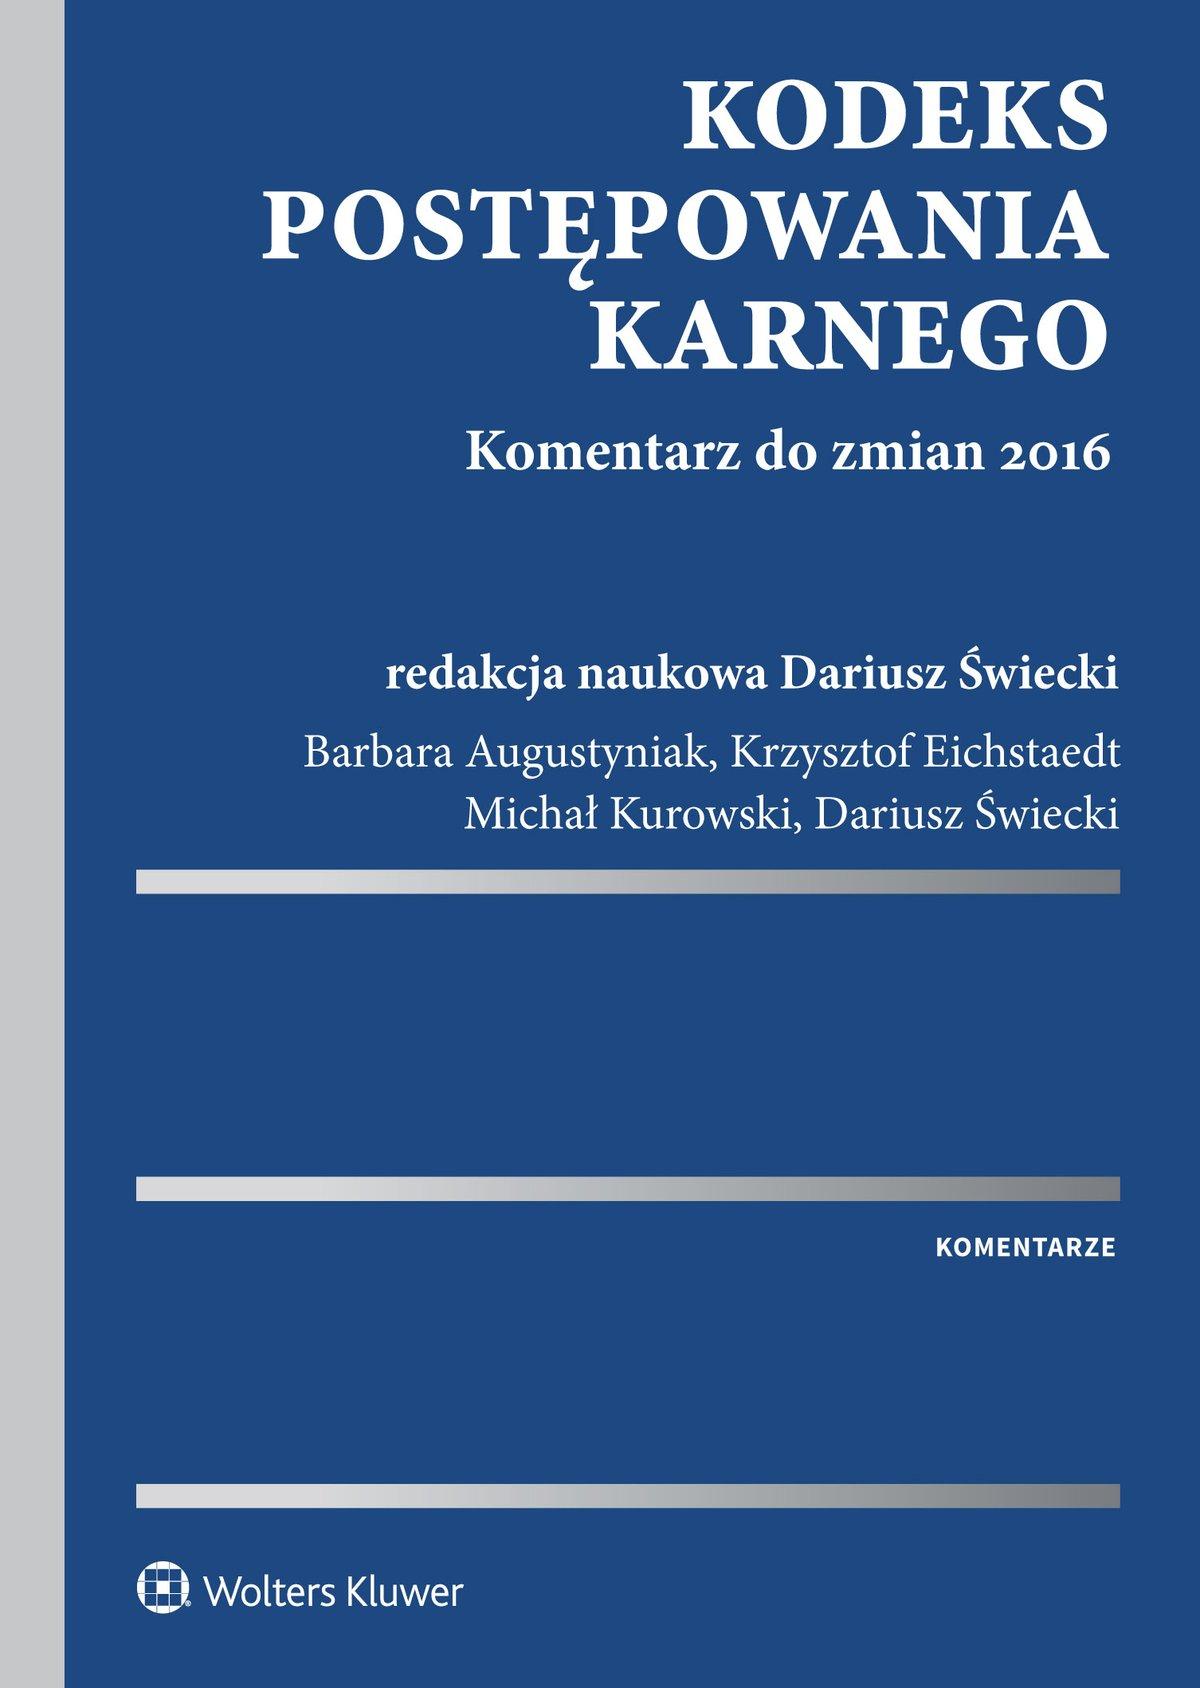 Kodeks postępowania karnego. Komentarz do zmian 2016 - Ebook (Książka EPUB) do pobrania w formacie EPUB